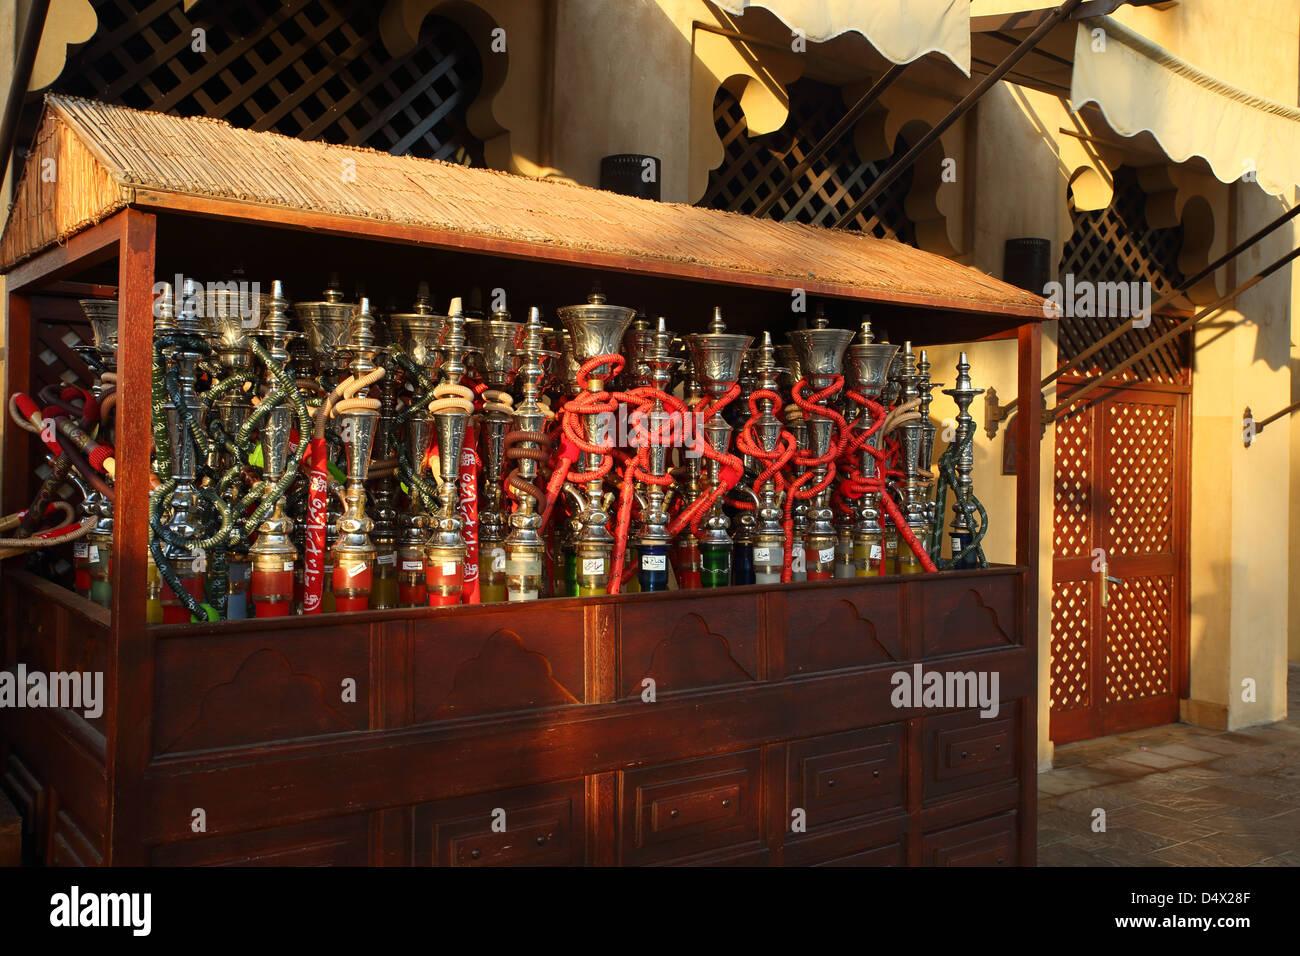 Shisha pipes on market stall at the Souk Madinat in Dubai, United Arab Emirates - Stock Image